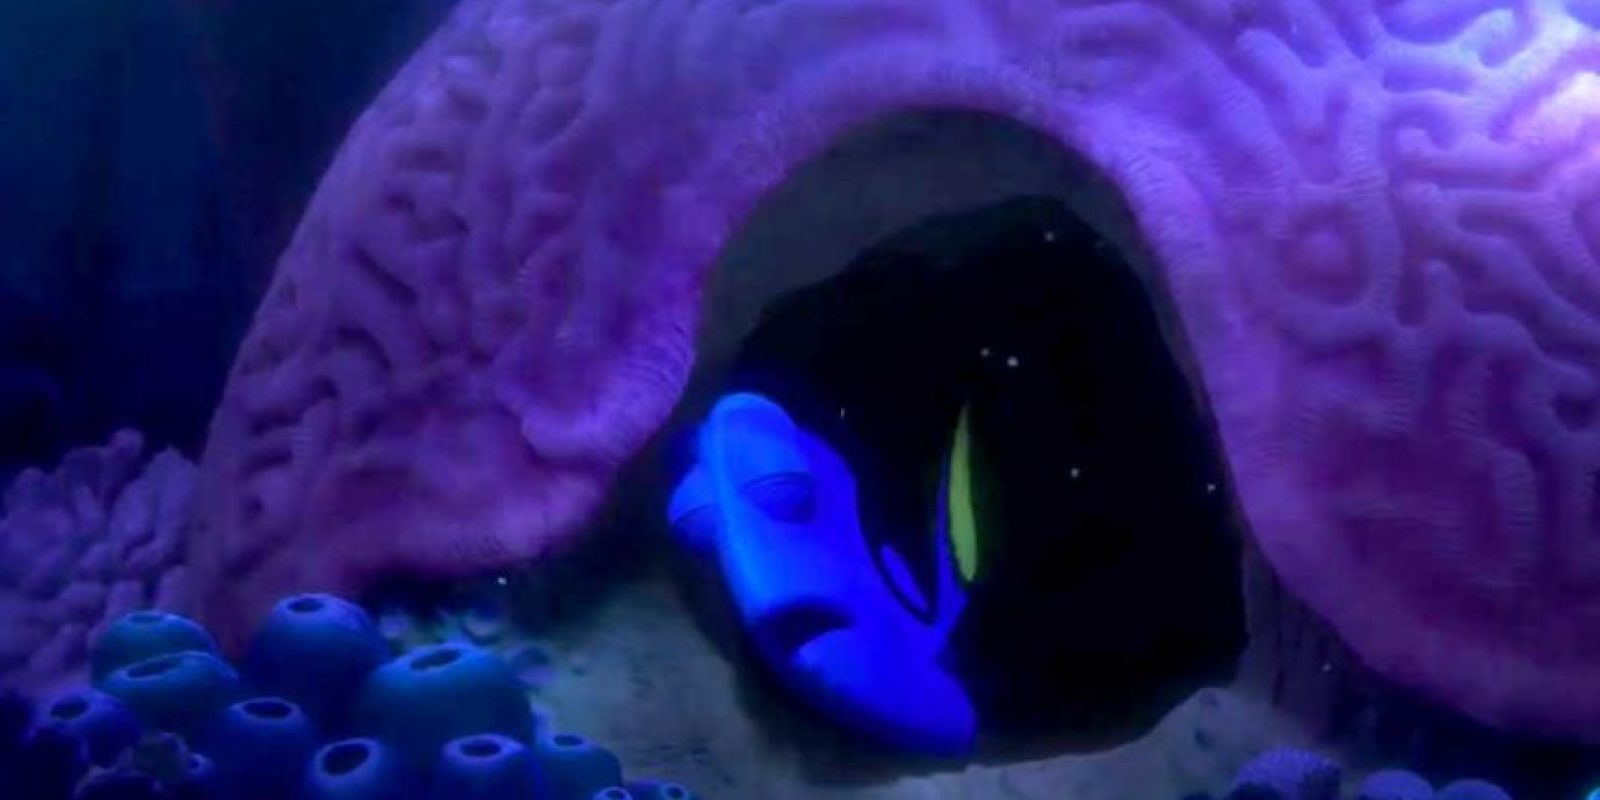 """En ella aparece """"Dory"""" la pez que enamoró a una generación en """"Buscando a Nemo"""" (2003). Foto:Disney Pixar"""